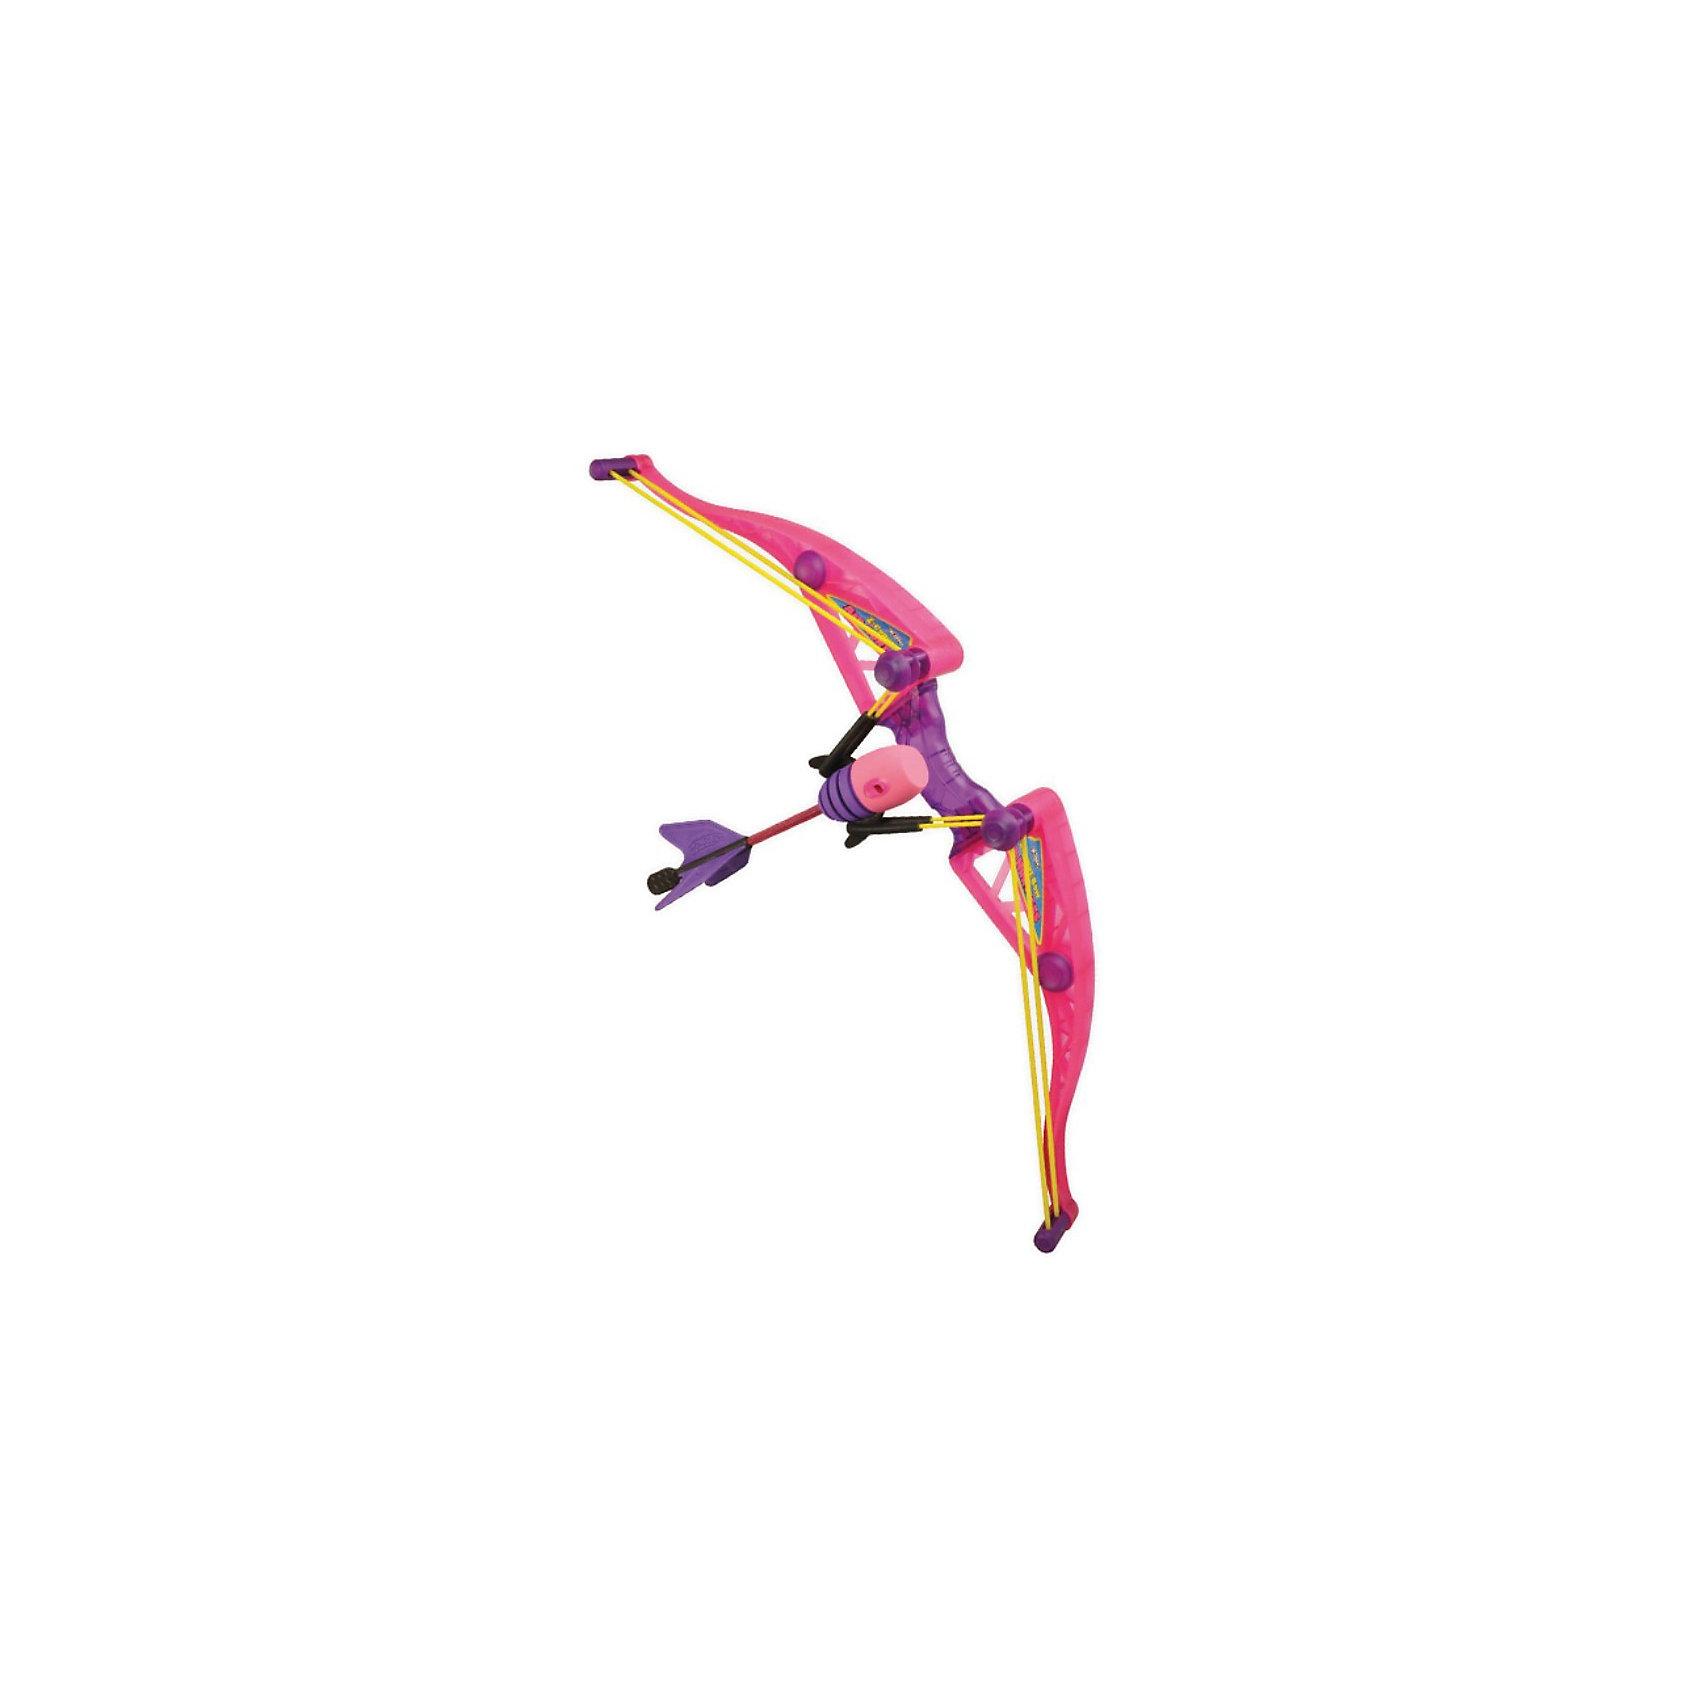 Лук Амазонка, ZingКрасивый розовый лук Амазонка от Zing (Зинг) , созданный специально для девочек! Эта легкая, прочная и безопасная игрушка быстро заряжается и позволяет стрелять далеко и метко. Лук Air Huntress Z-Curve – идеальное оружие для юной амазонки! Безопасные мягкие стрелы летят точно в цель и при этом не способны нанести вред ни стрелку, ни окружающим его людям и предметам. Лук для девочек легко заряжается и отличается прекрасной дальностью полета – до 70 метров! Игрушка Zing (Зинг) предназначена для активного отдыха на свежем воздухе, а ее современный дизайн понравится любой девочке. Стрельба из лука обеспечивает увлекательное времяпрепровождение, развивает меткость и глазомер.<br><br>Дополнительная информация:<br><br>- Комплектация: лук для девочек Z-Curve, 2 стрелы с мягким наконечником, стрела с присоской, держатель для стрел;<br>- Игрушка развивает меткость и координацию;<br>- Лук оснащен мягкими стрелами из вспененного полиуретана;<br>- Дальность полета стрел до 70 метров;<br>- Игрушка полностью безопасна как для стрелка, так и для окружающих;<br>- Игрушка идеальна для игр на улице;<br>- Материал: пластик;<br>- Размер упаковки: 60 х 10 х 20 см;<br>- Вес: 530 г<br><br>Лук Амазонка, Zing (Зинг) можно купить в нашем интернет-магазине.<br><br>Ширина мм: 600<br>Глубина мм: 100<br>Высота мм: 200<br>Вес г: 530<br>Возраст от месяцев: 96<br>Возраст до месяцев: 2147483647<br>Пол: Женский<br>Возраст: Детский<br>SKU: 3650797